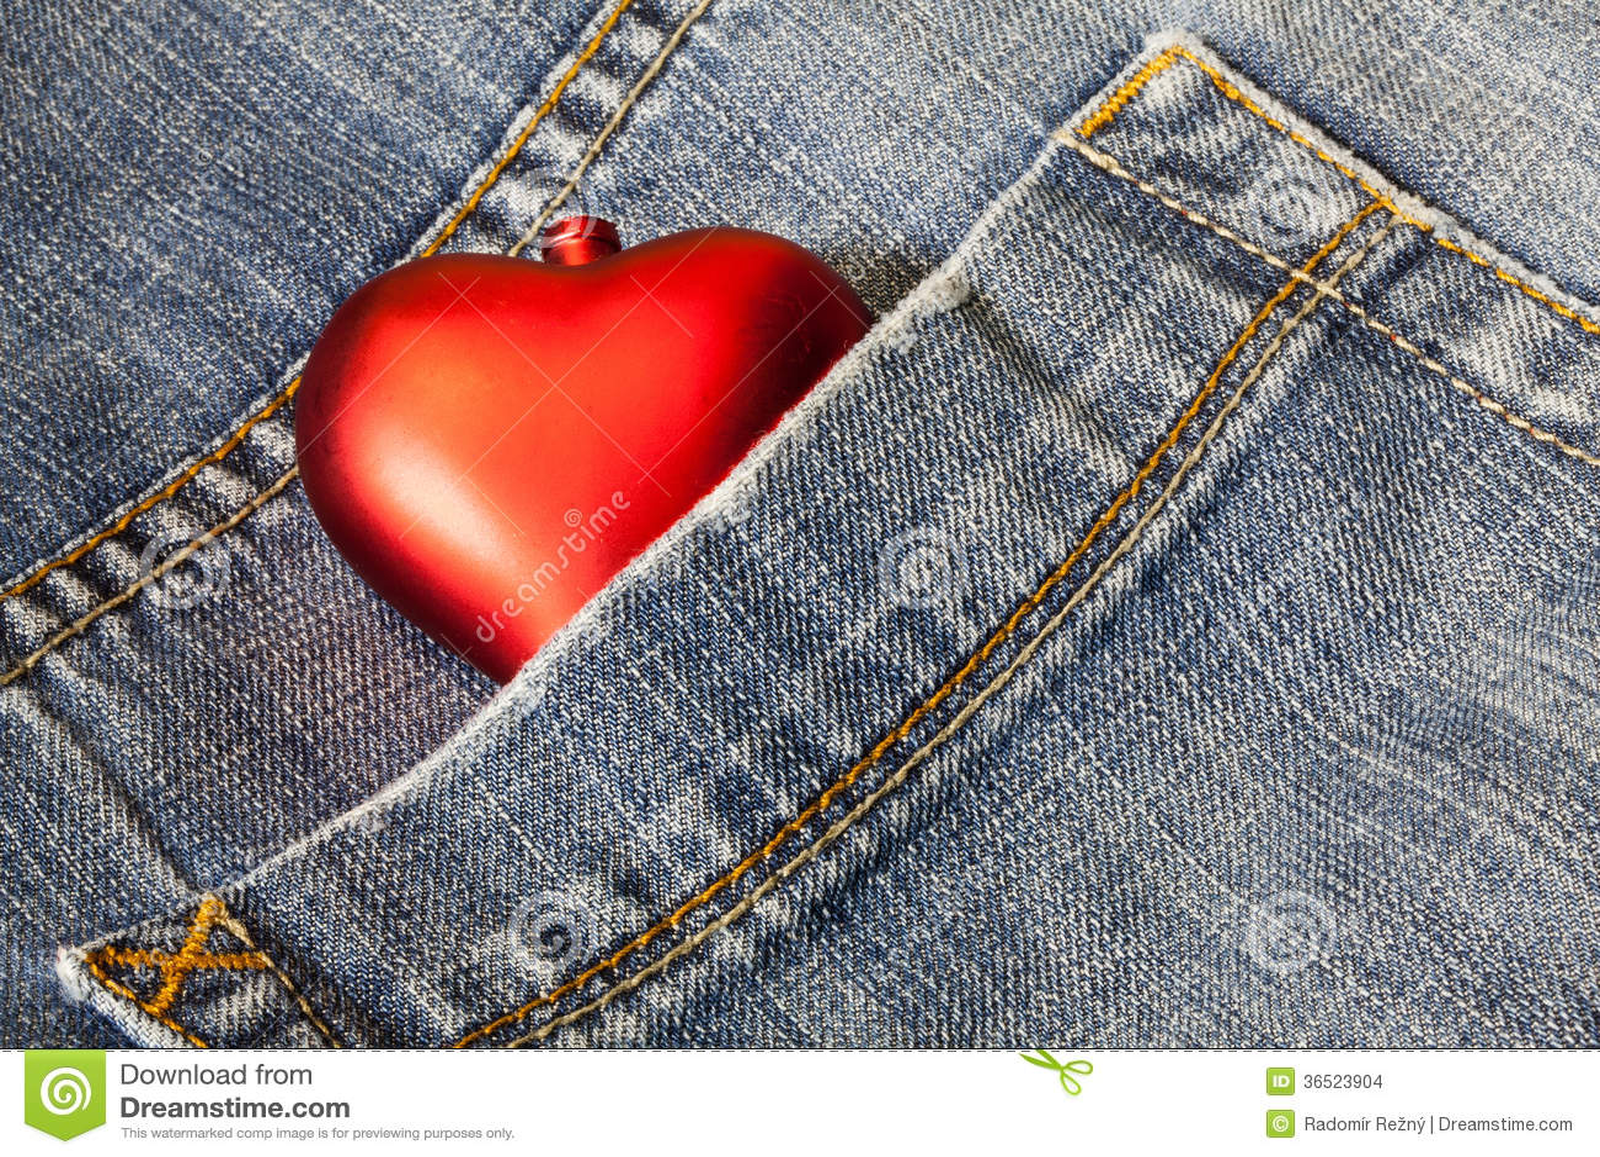 Symbole d amour dans blues-jean